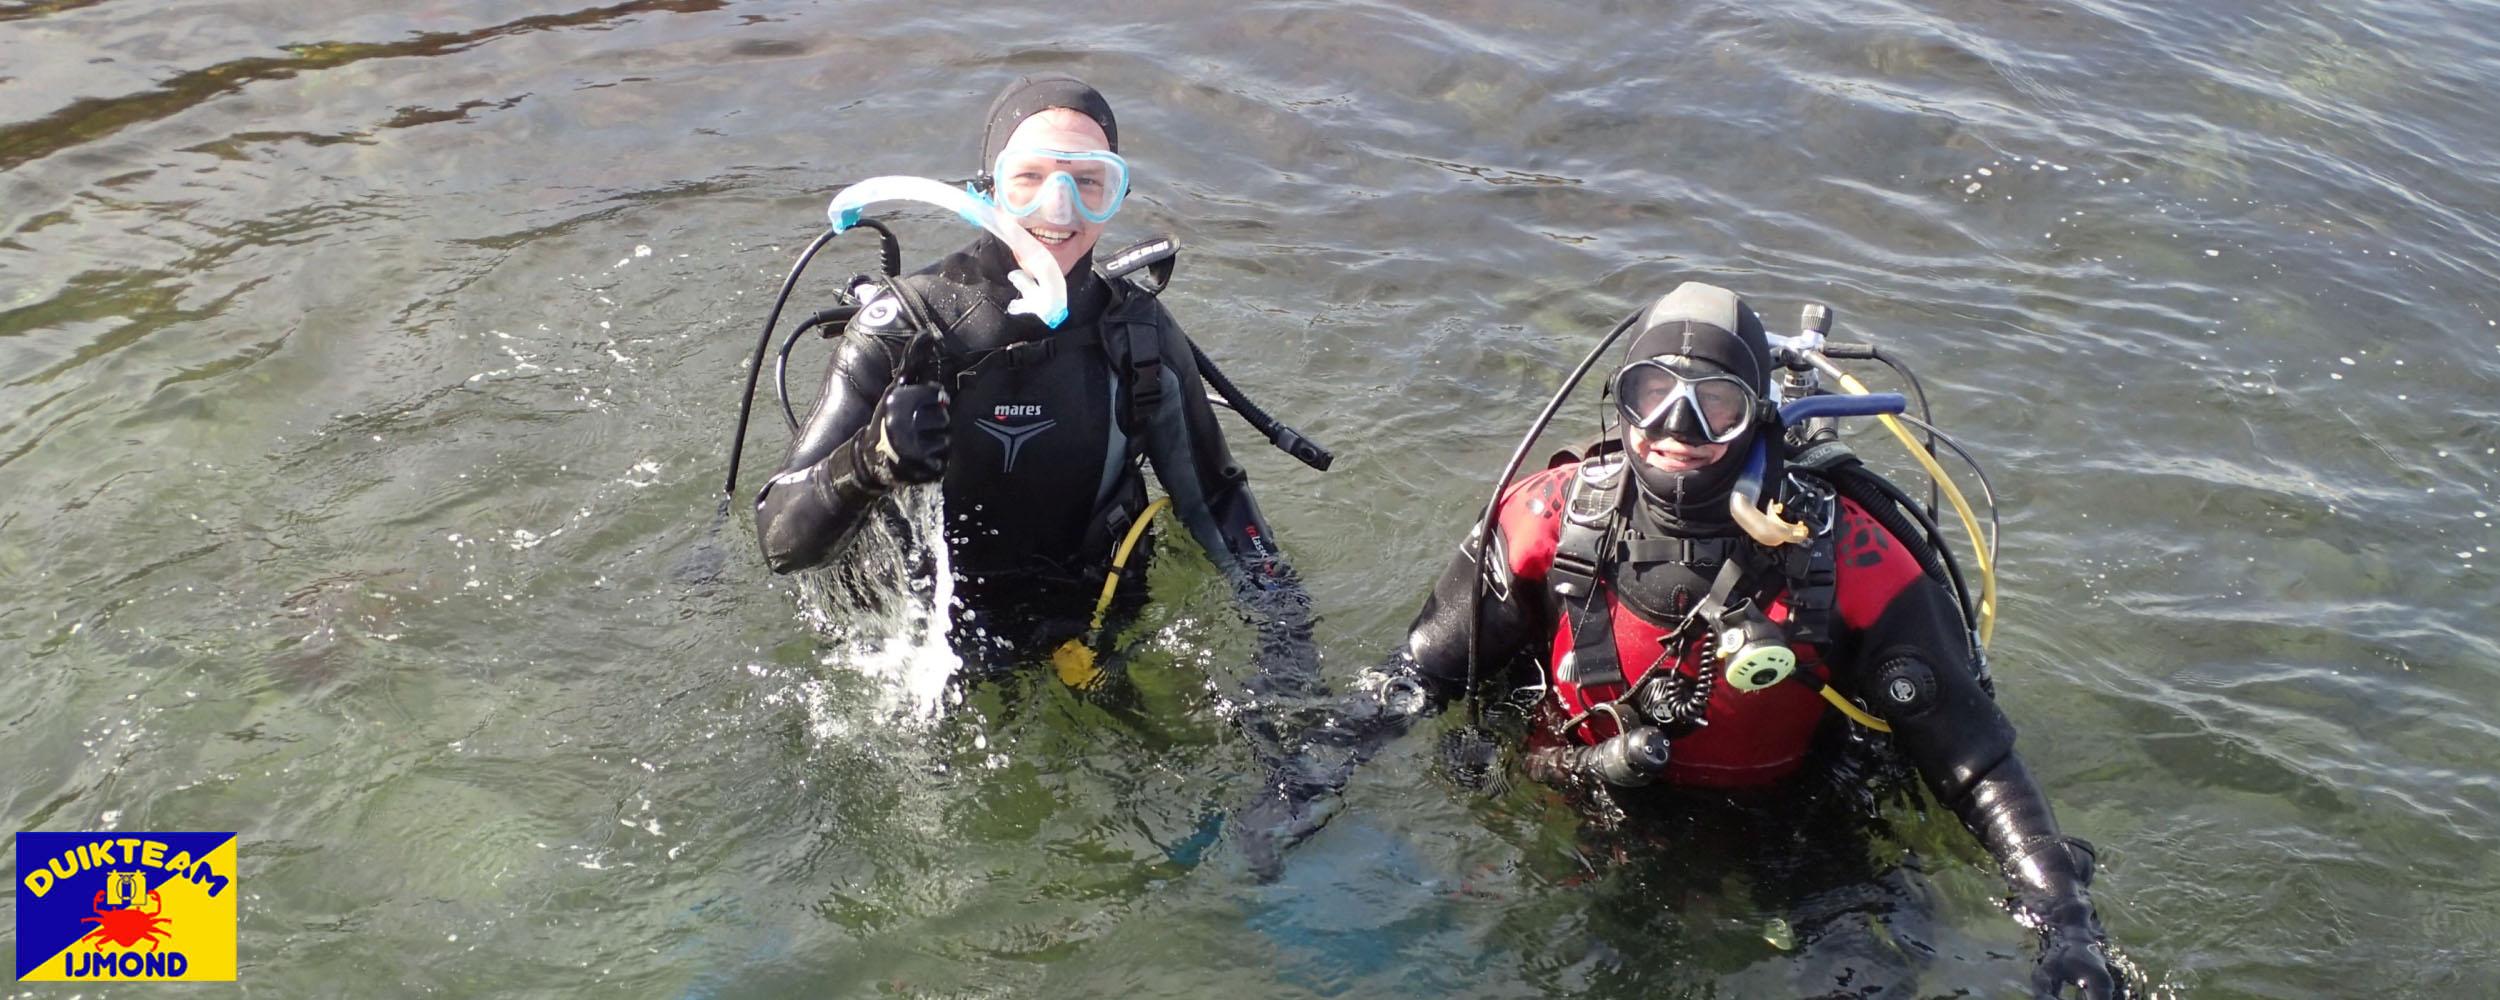 De eerste buitenwaterduik in Zeeland